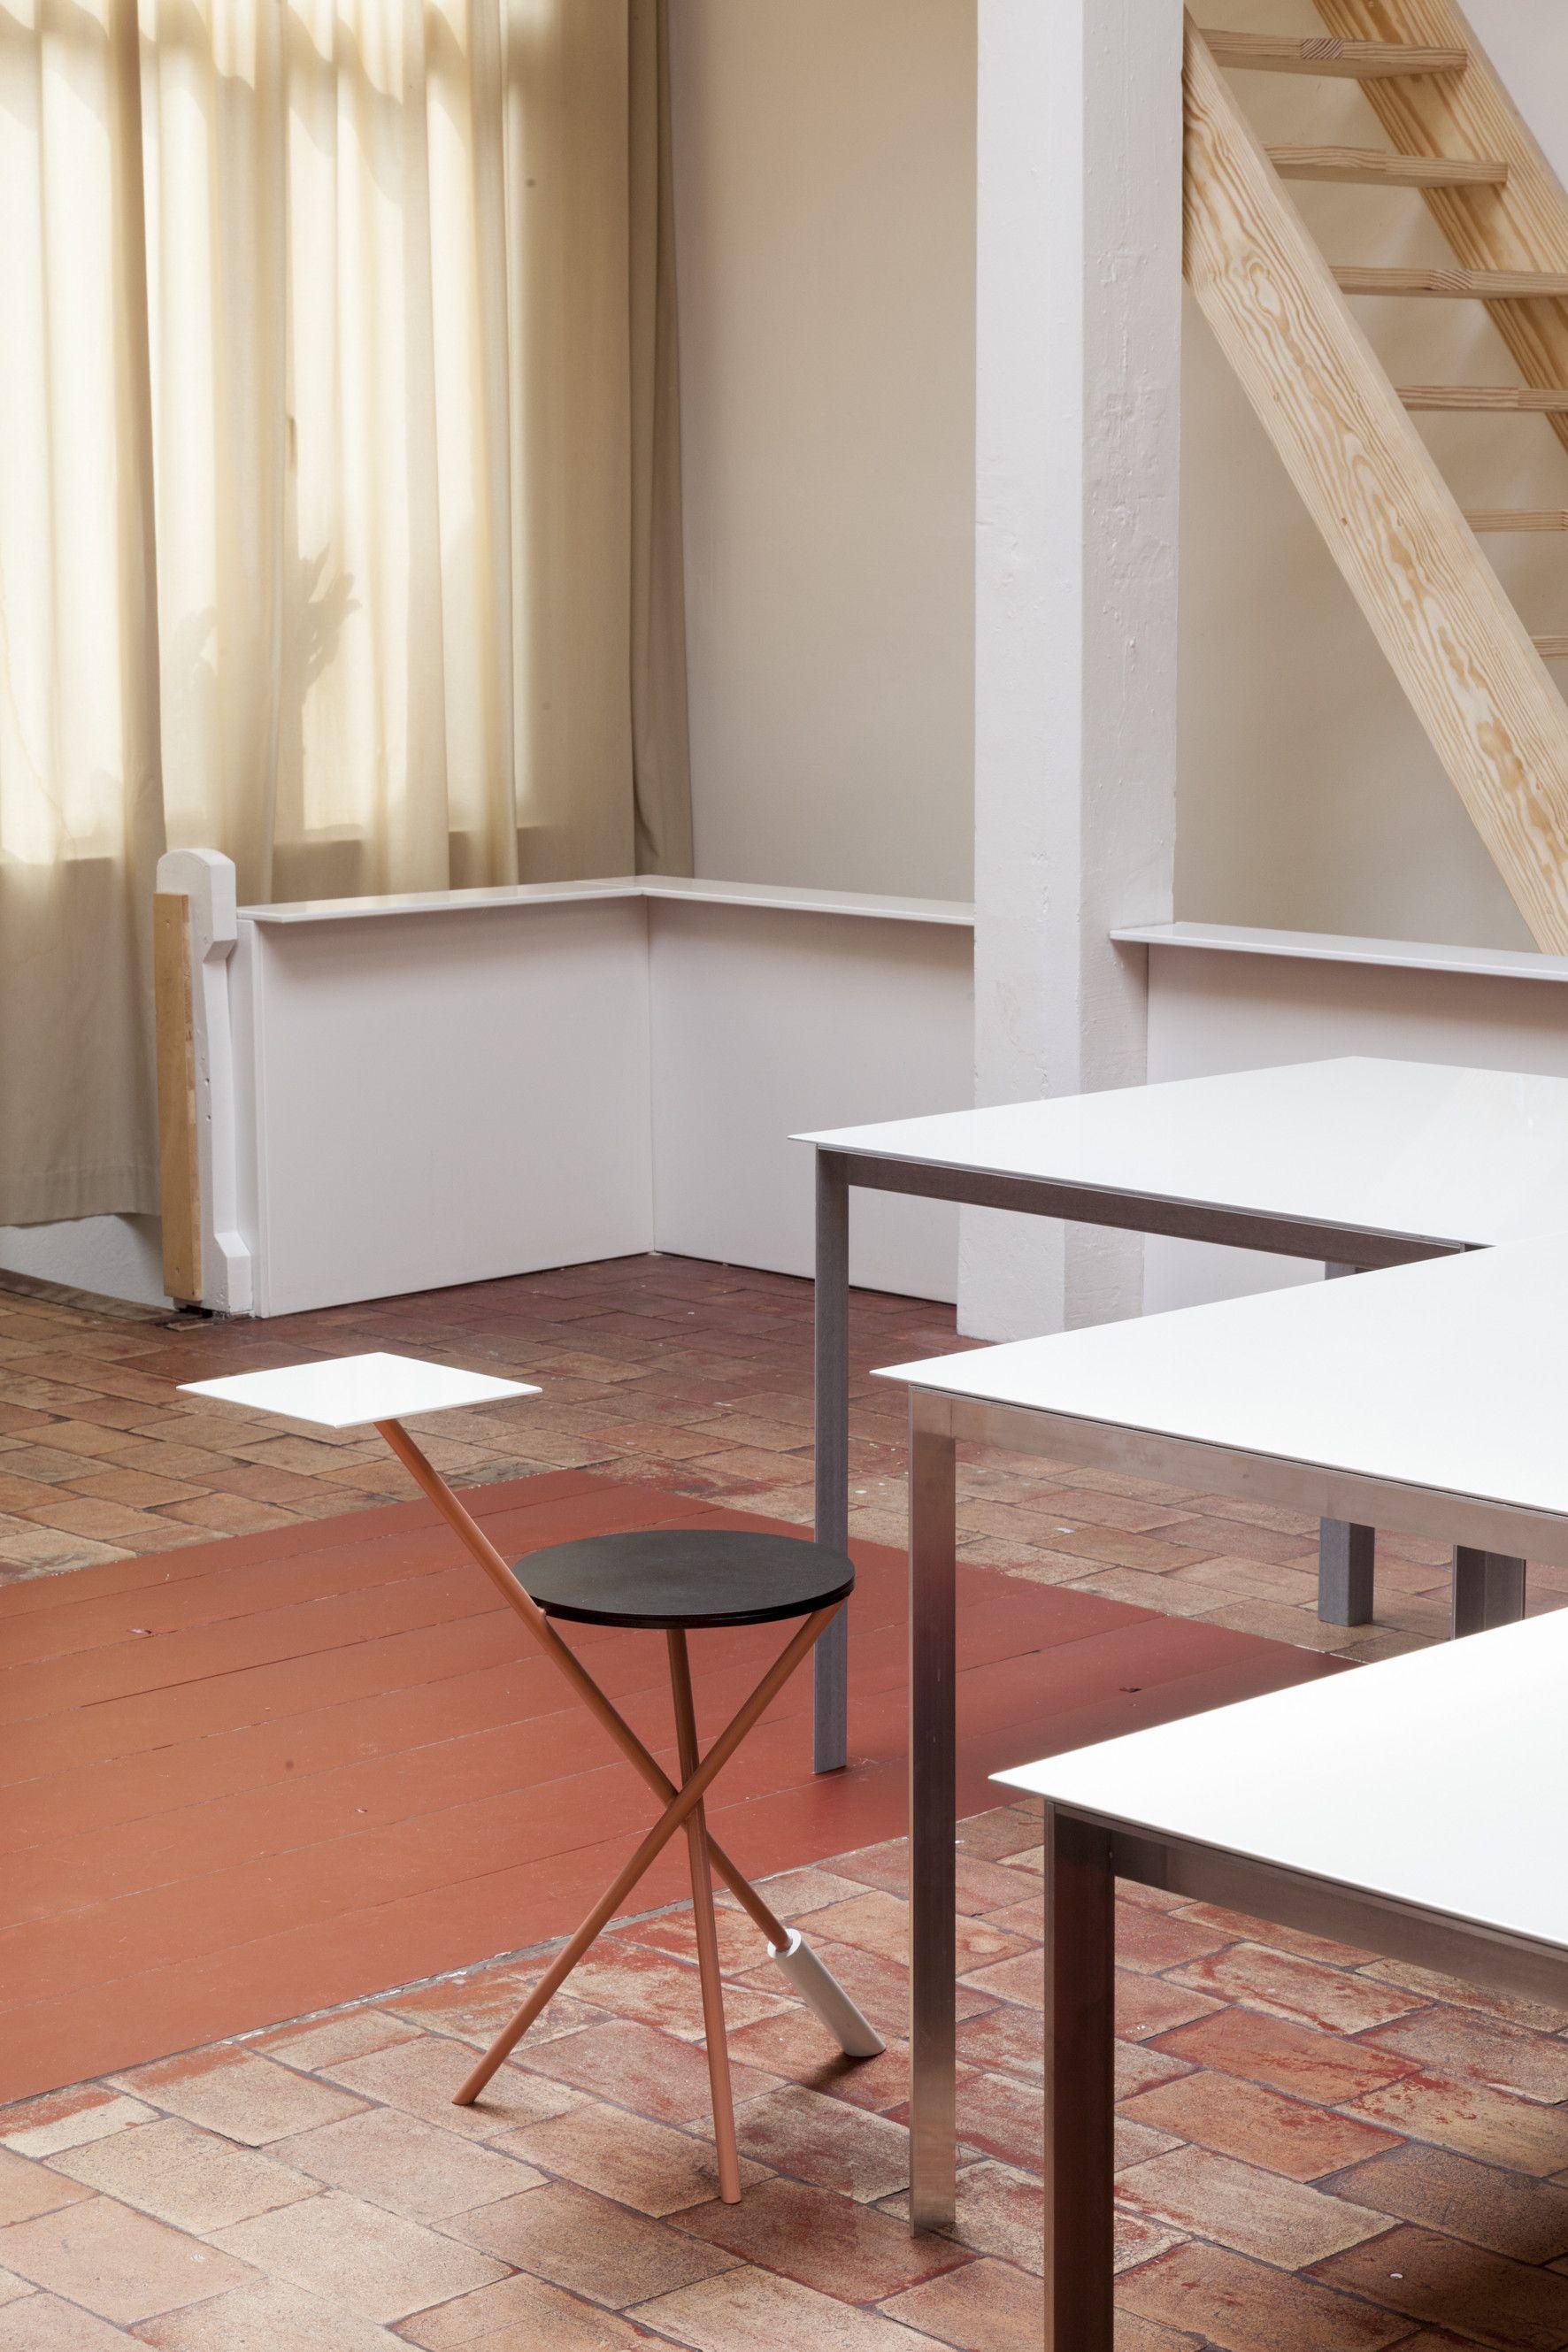 Gallery of OFFICE Kersten Geers David van Severen Design